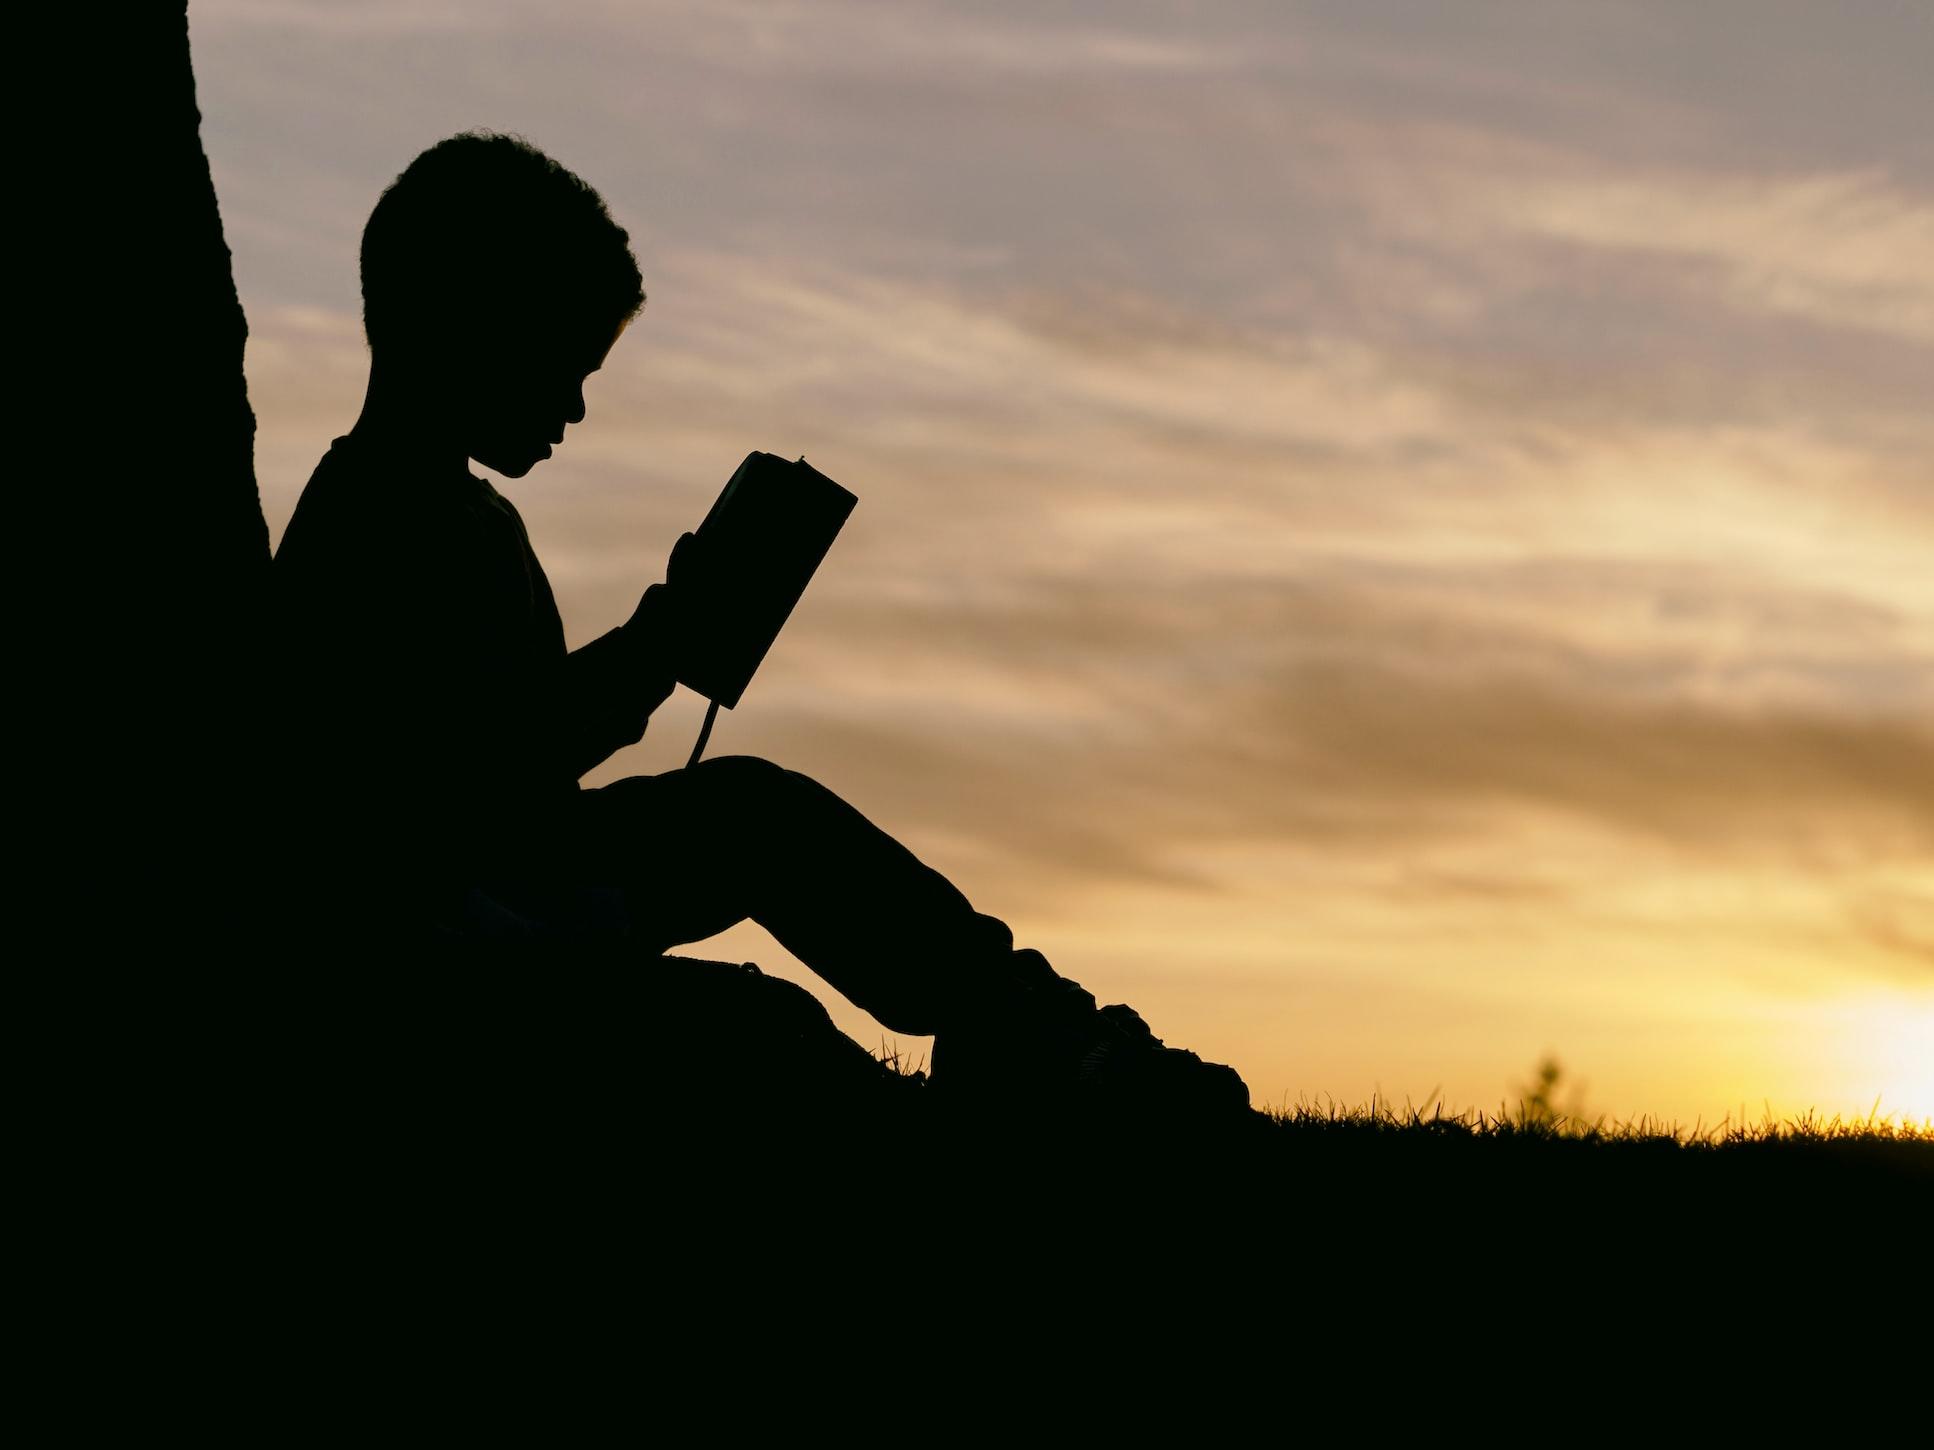 隙間時間に勉強をすることが大切な理由『何度も繰り返すことで記憶に定着しやすくなる』